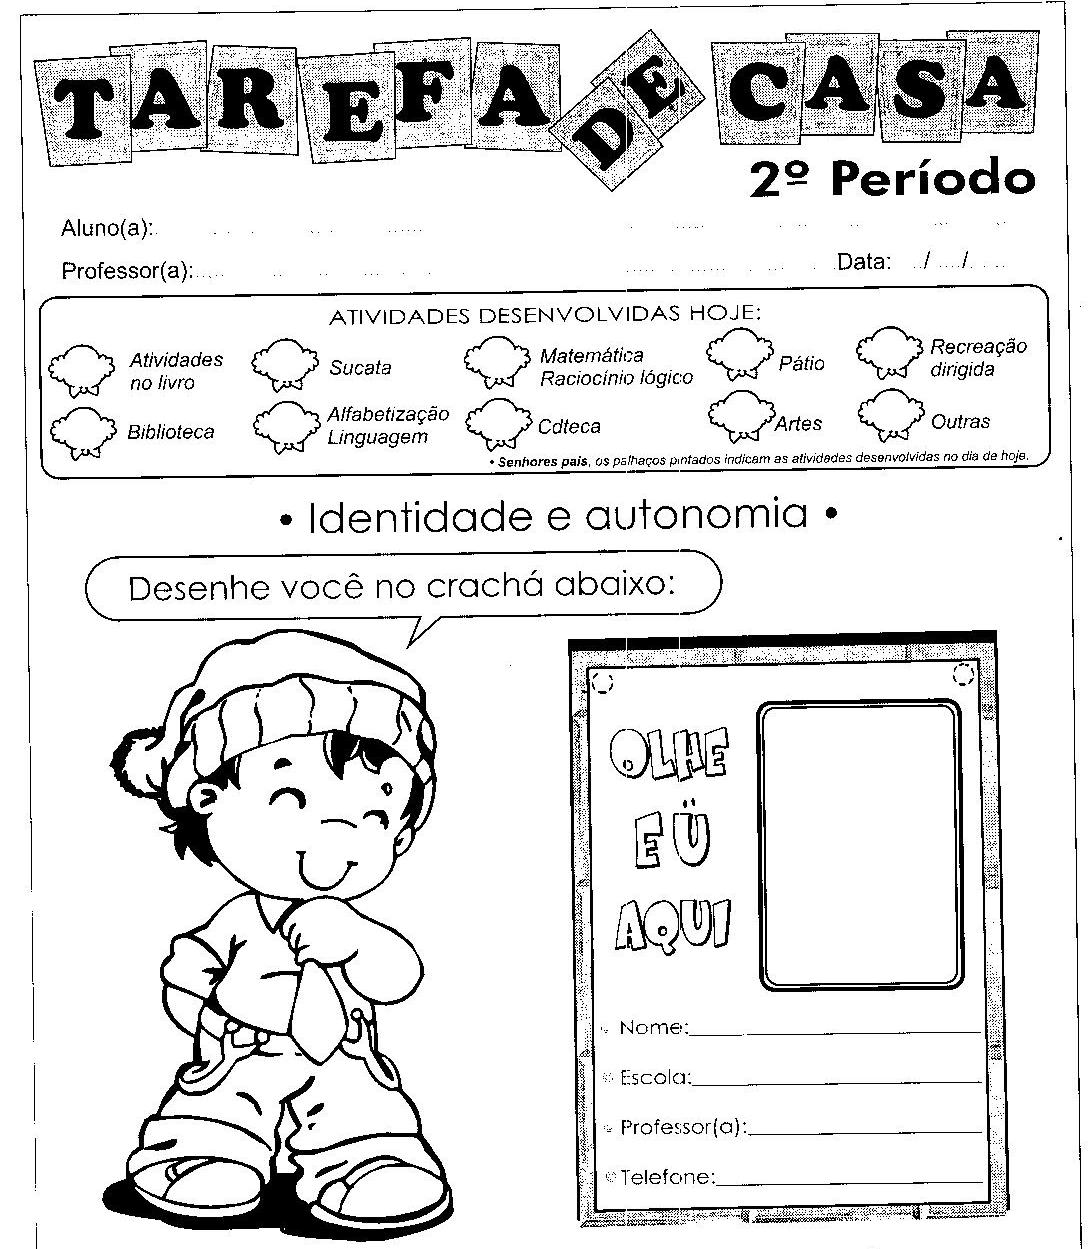 atividades horta pomar jardim educacao infantil:Postado por Roberta Maria Damasceno às 18:15 1 comentários